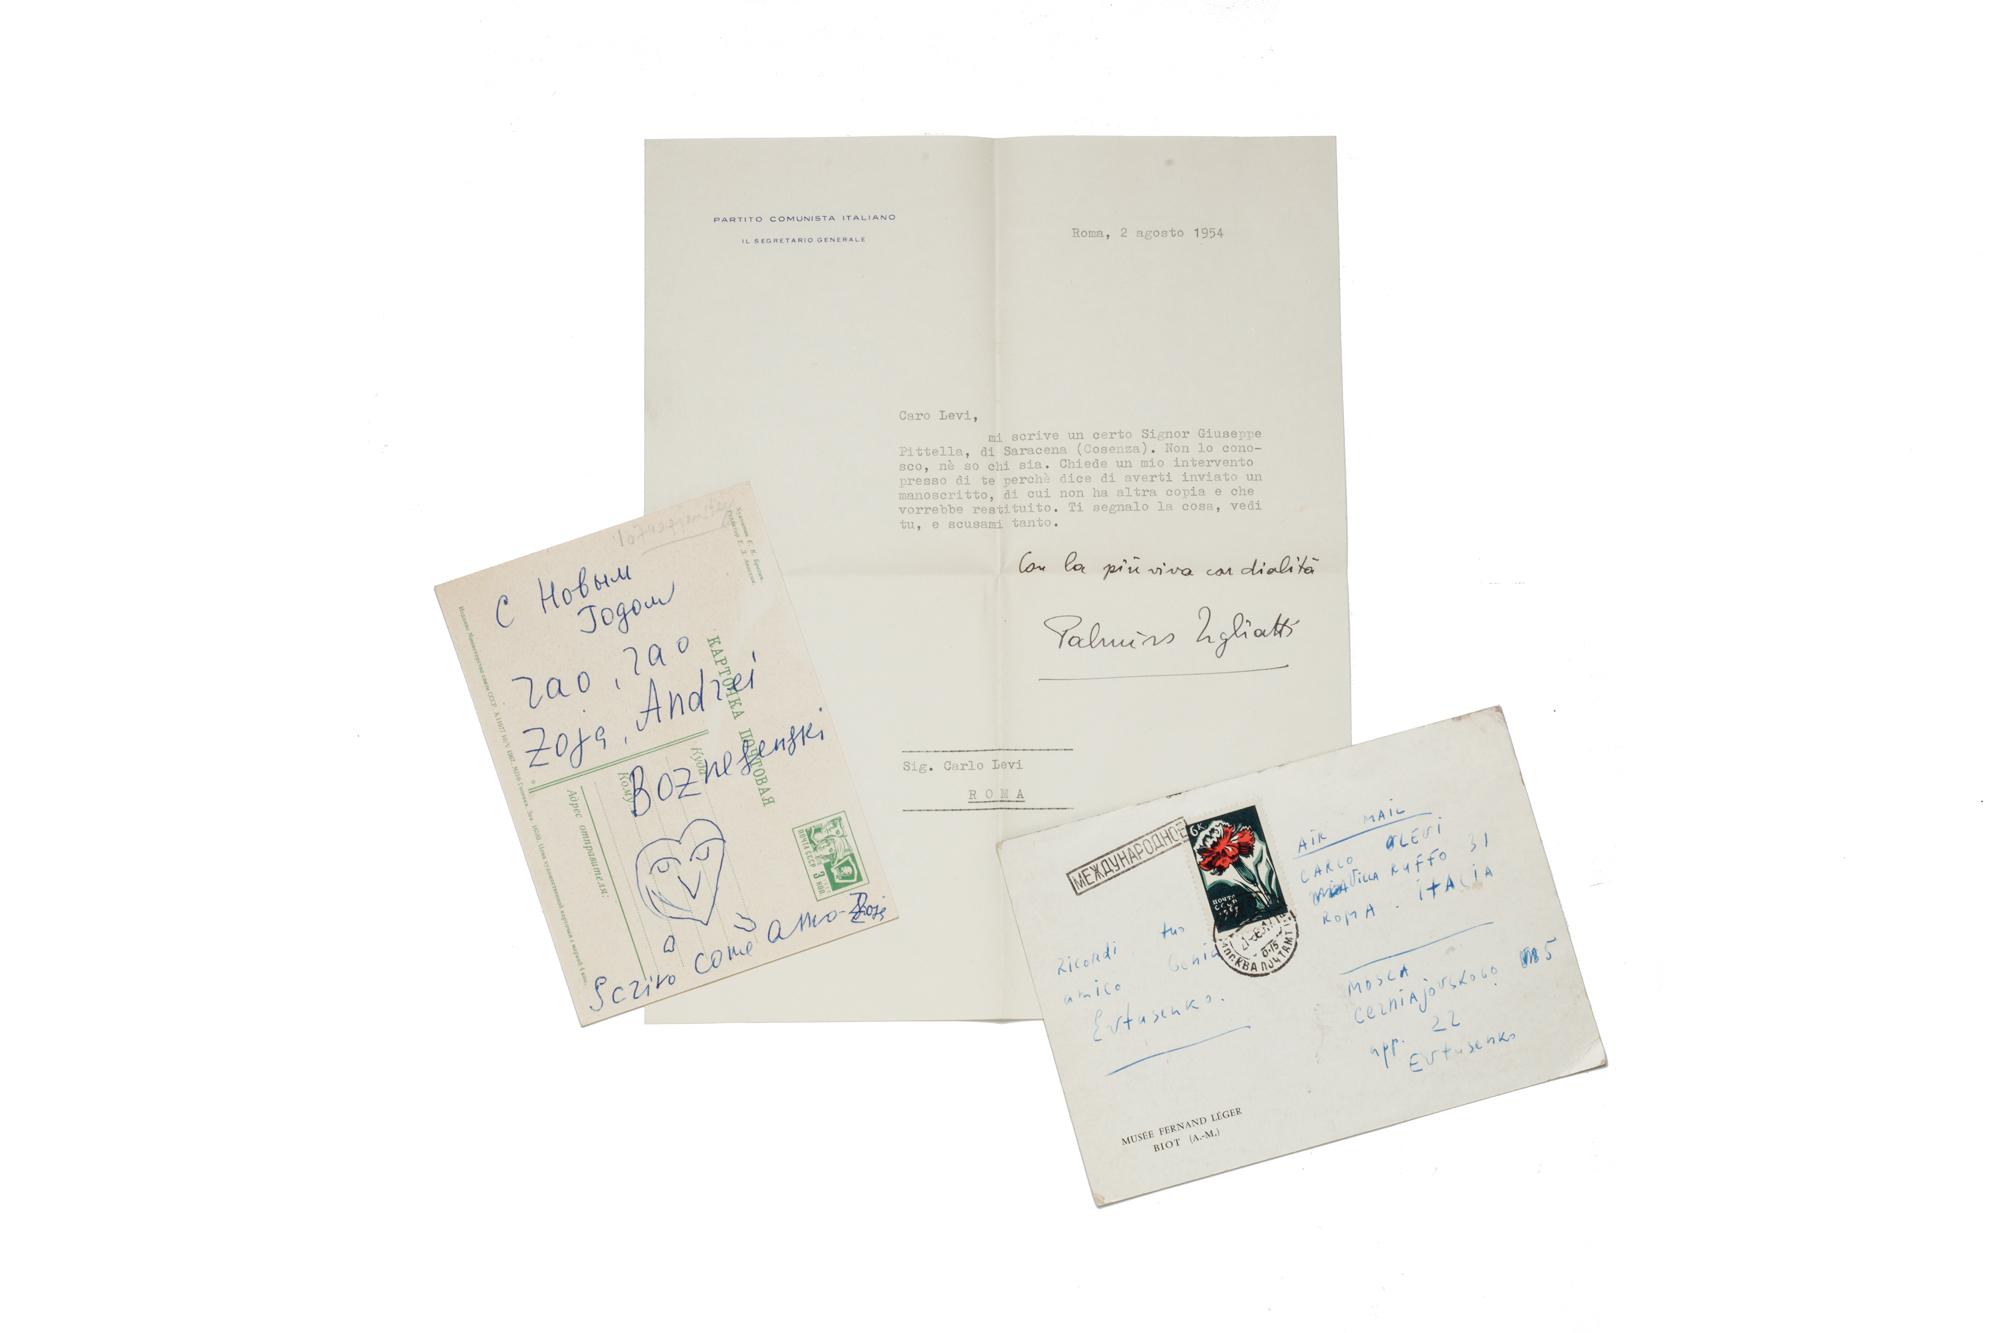 Lettera con firma autografa